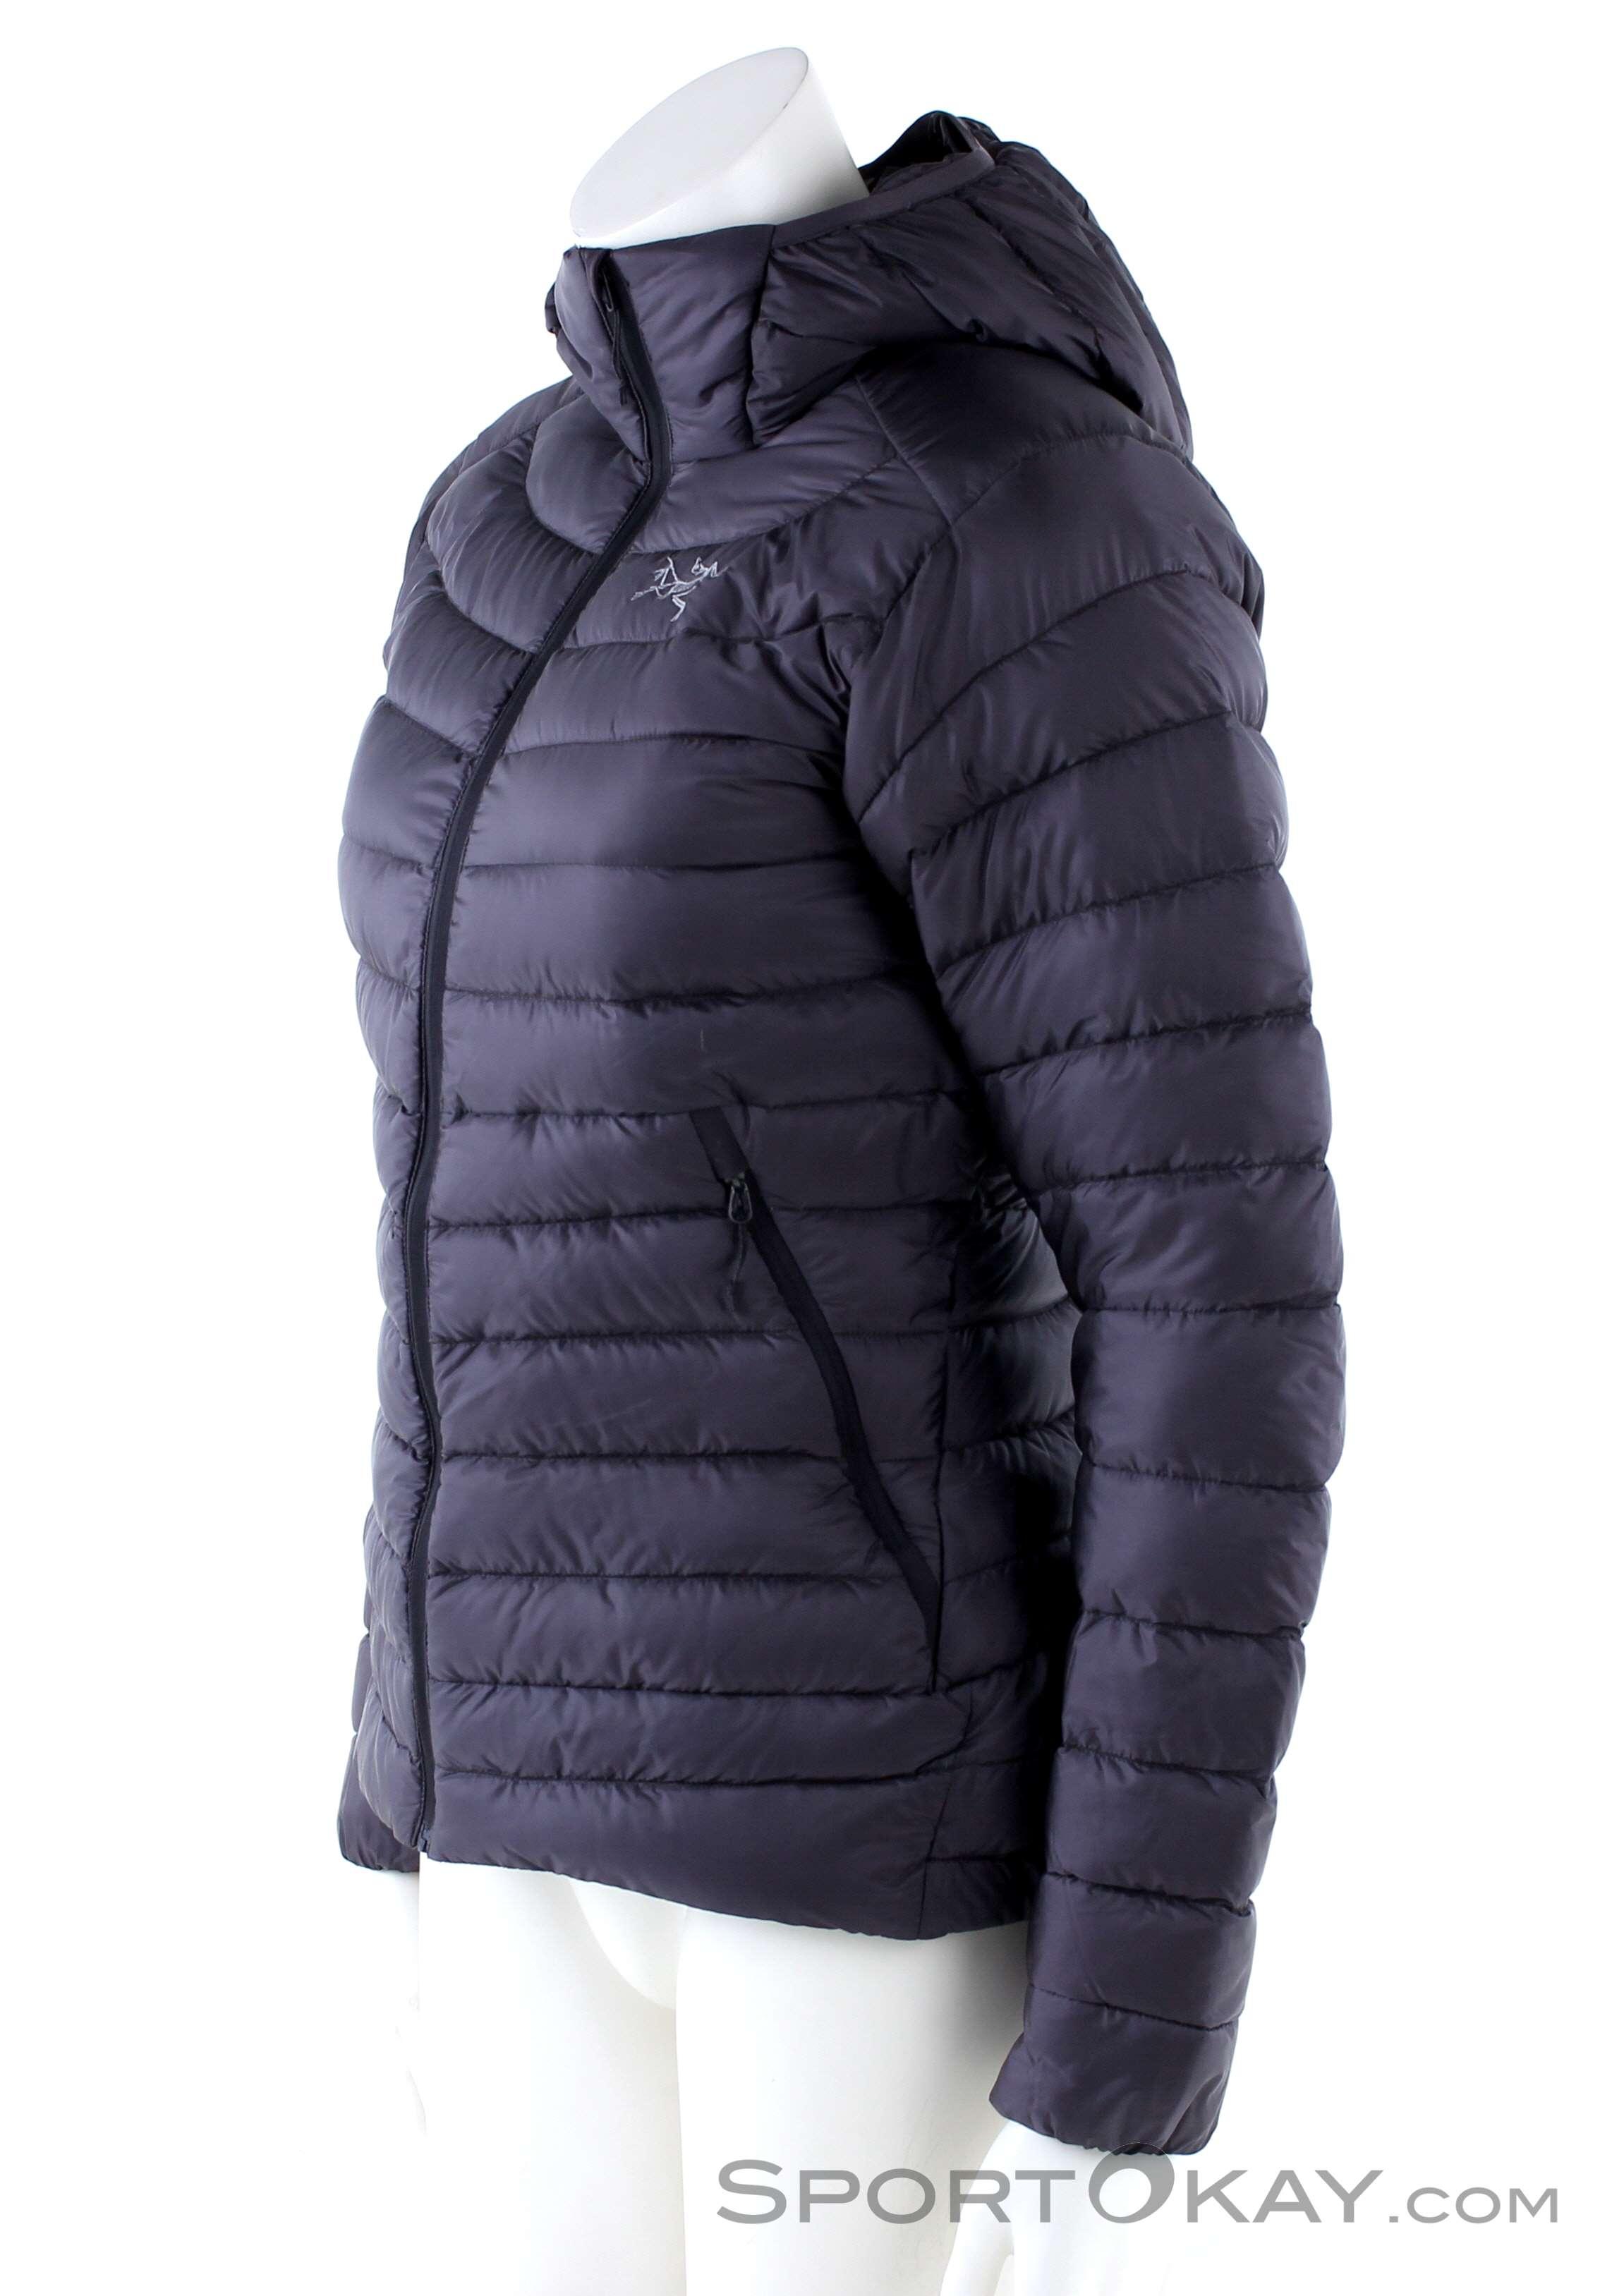 Arcteryx Cerium LT Hoody Womens Outdoor Jacket Jackets